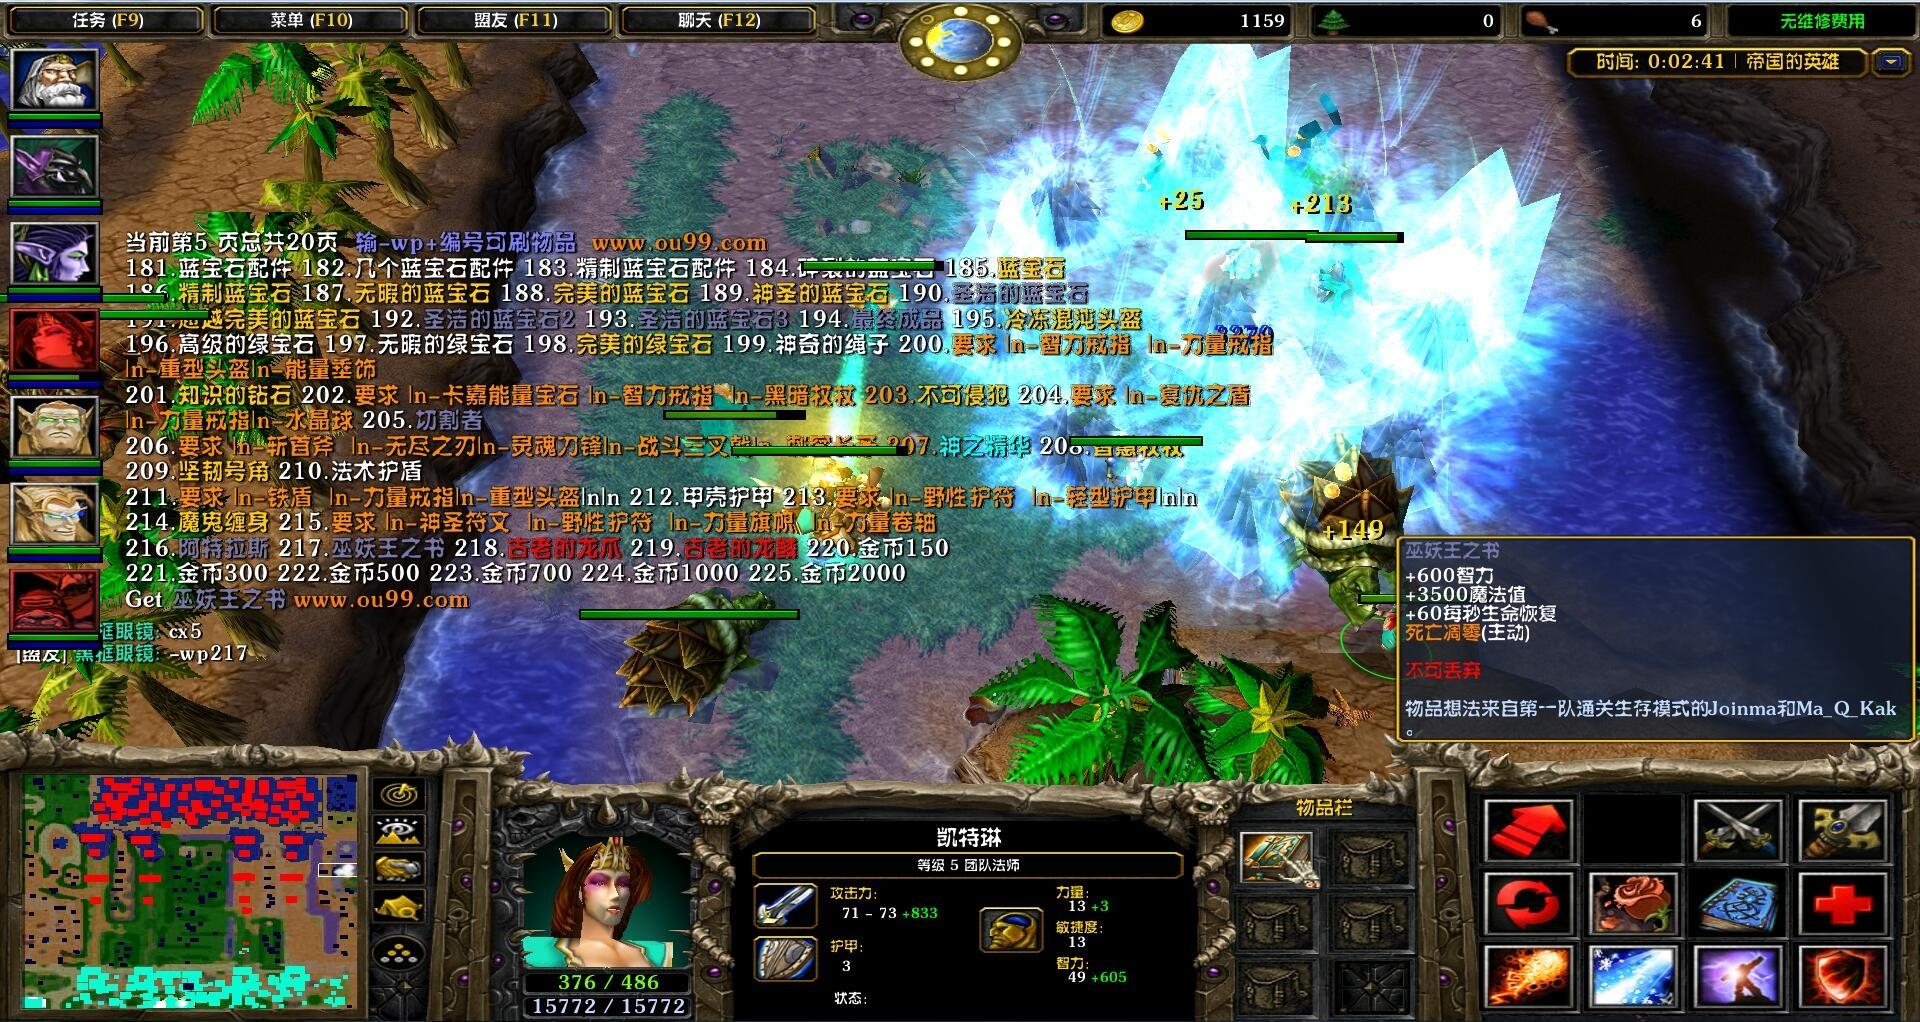 帝国的英雄v1.3.22汉化版黑式破解